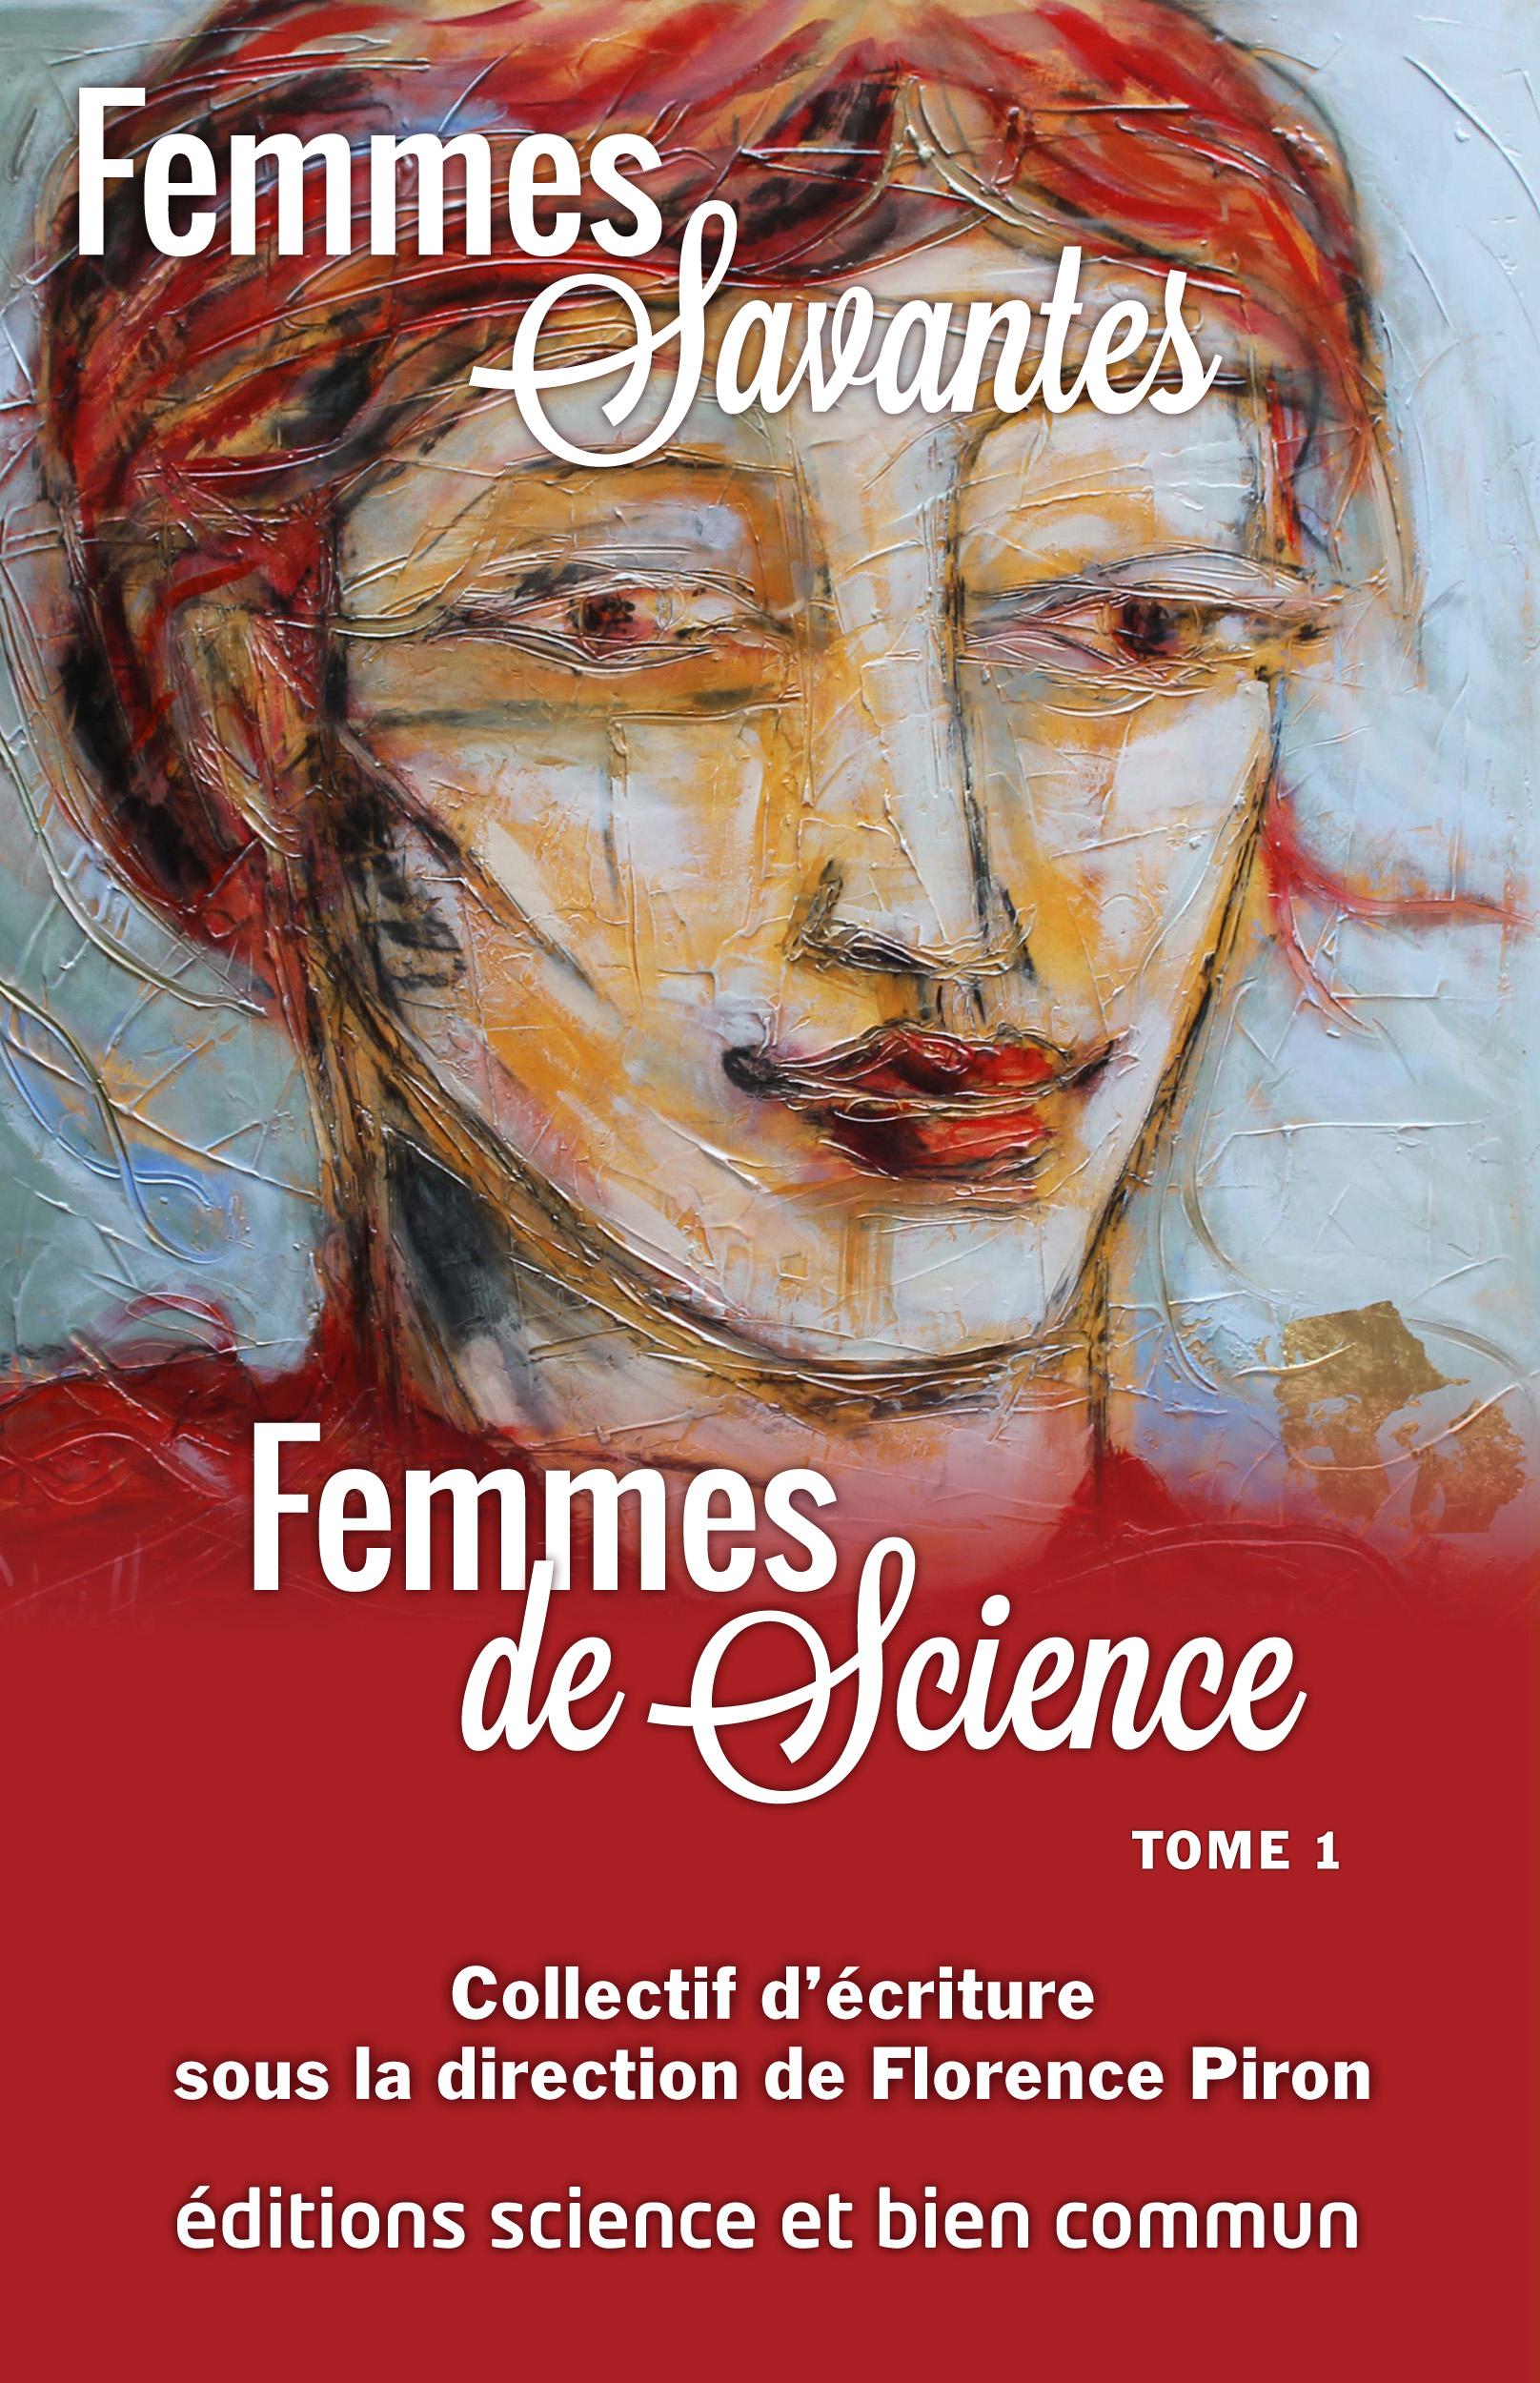 Femmes de Science Tome 1